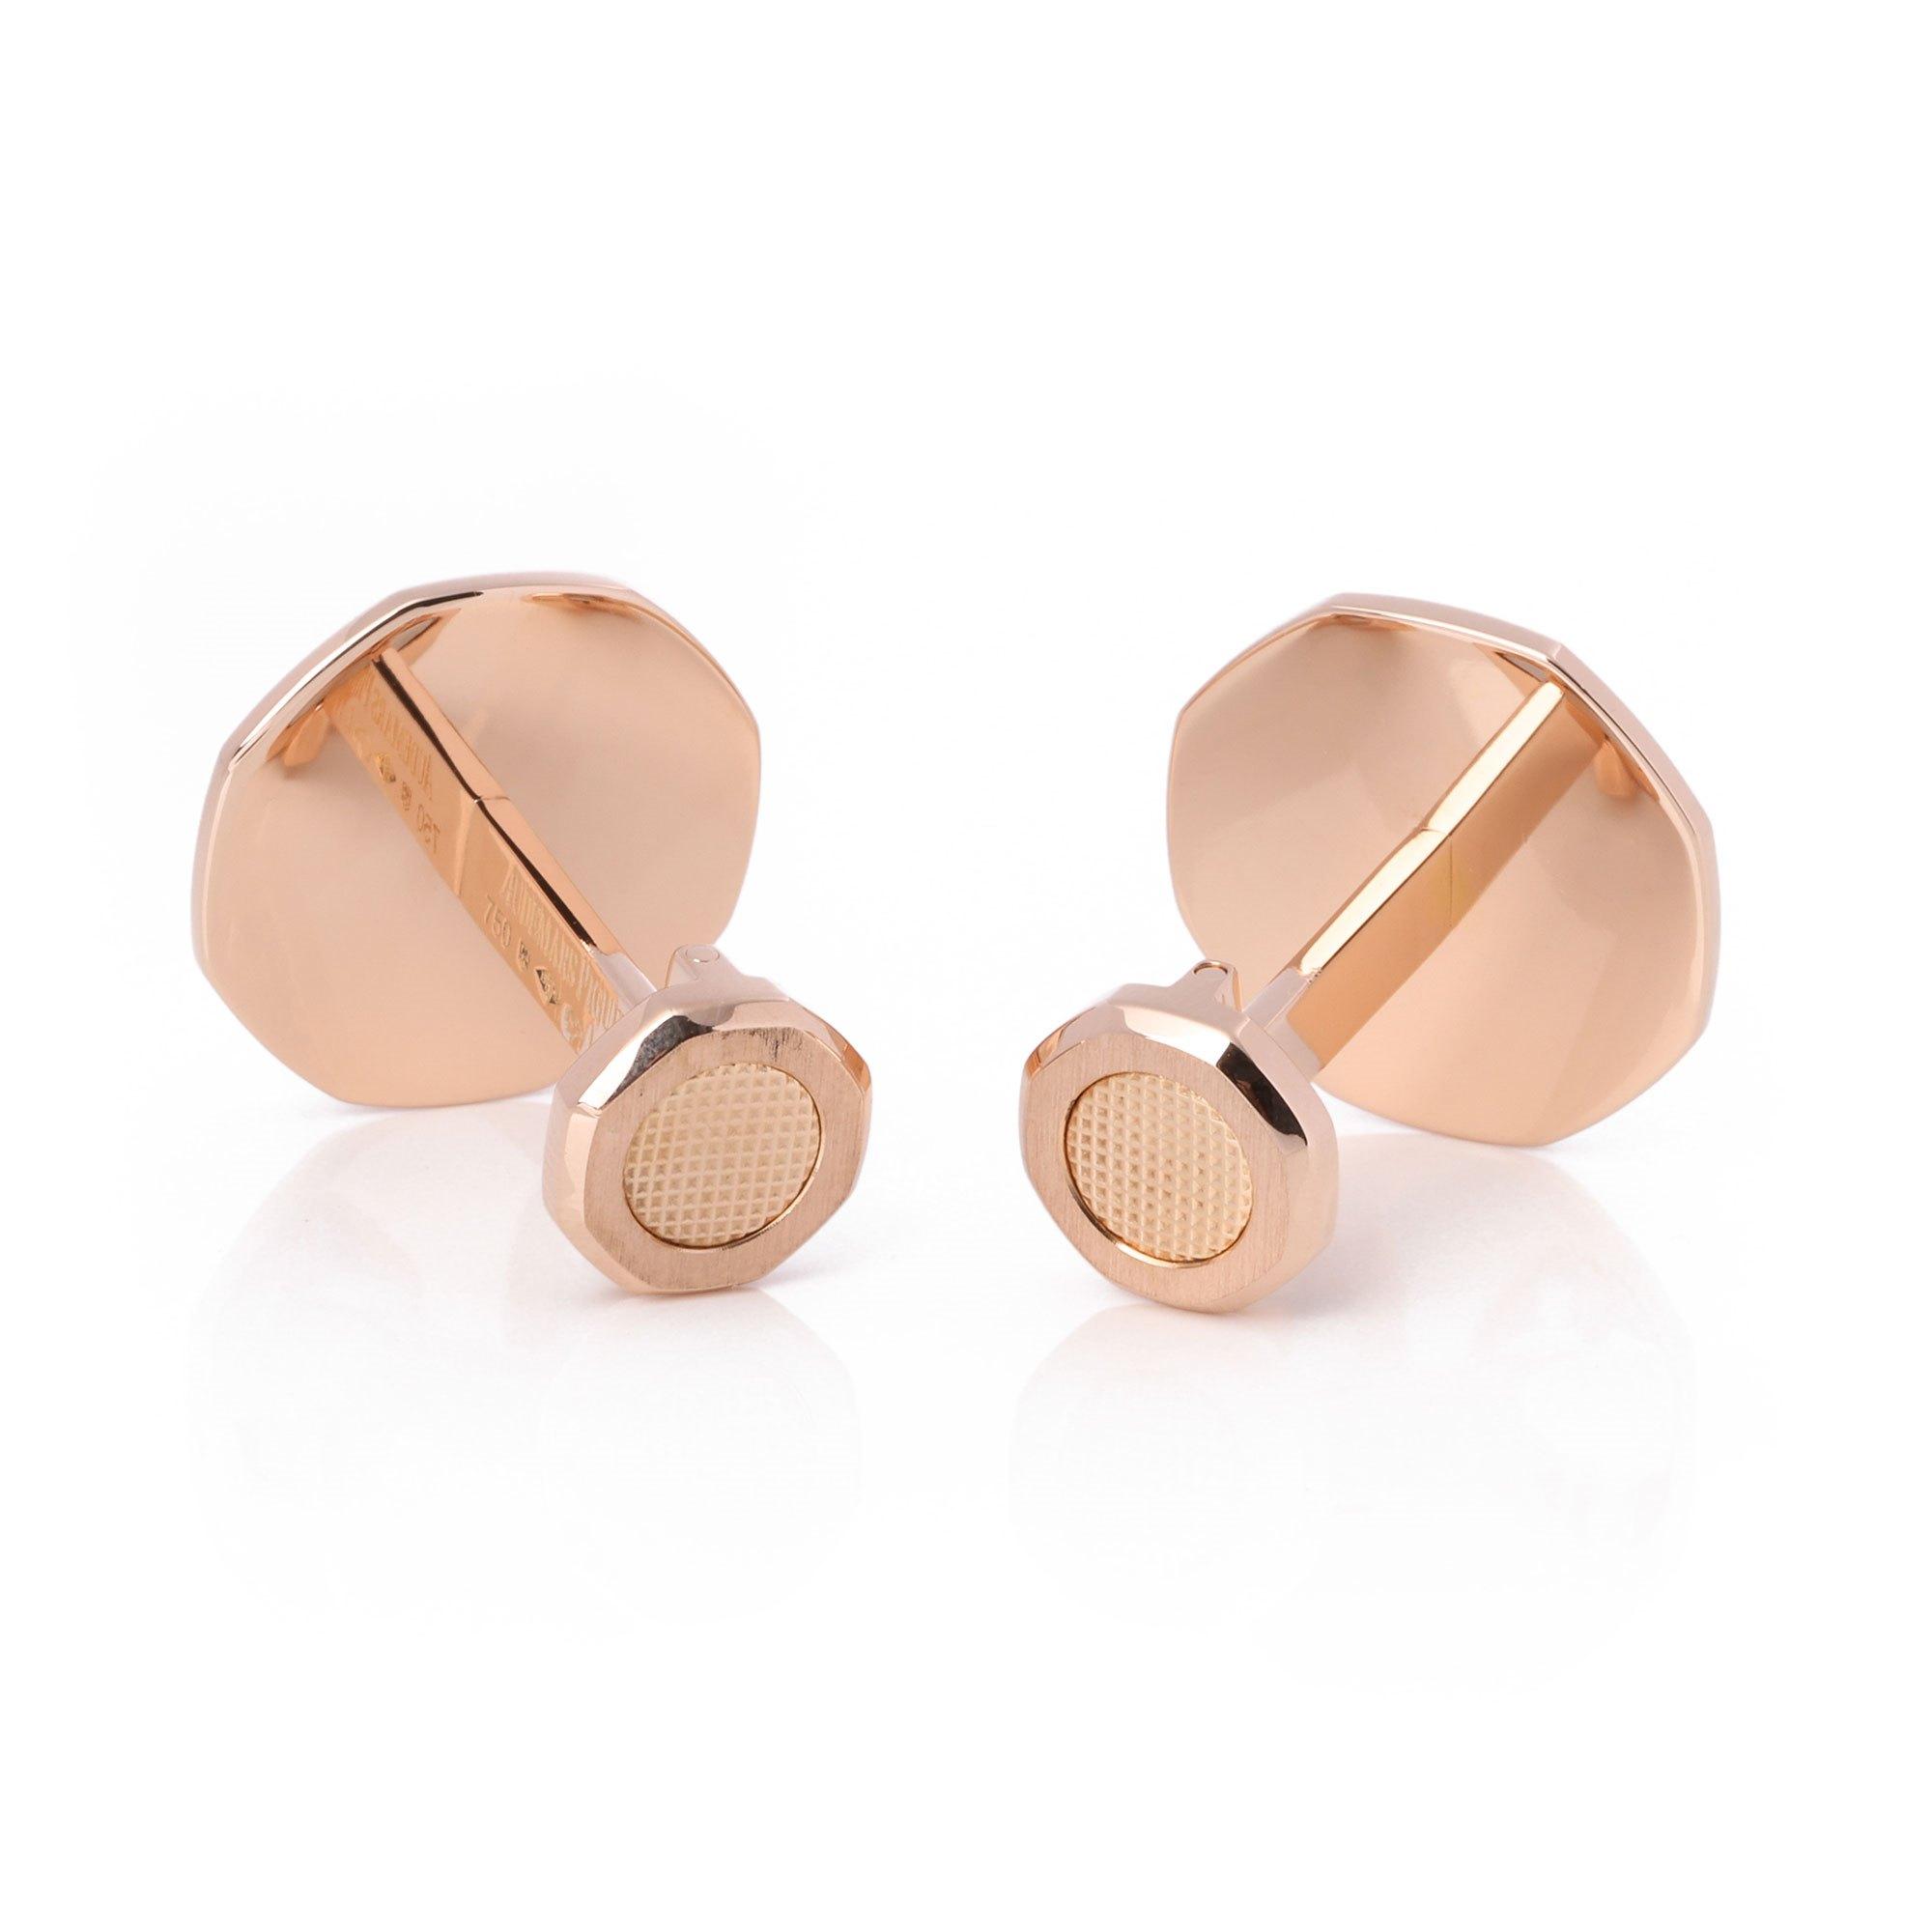 Audemar Piguet Royal Oak 18ct Pink Gold Cufflinks